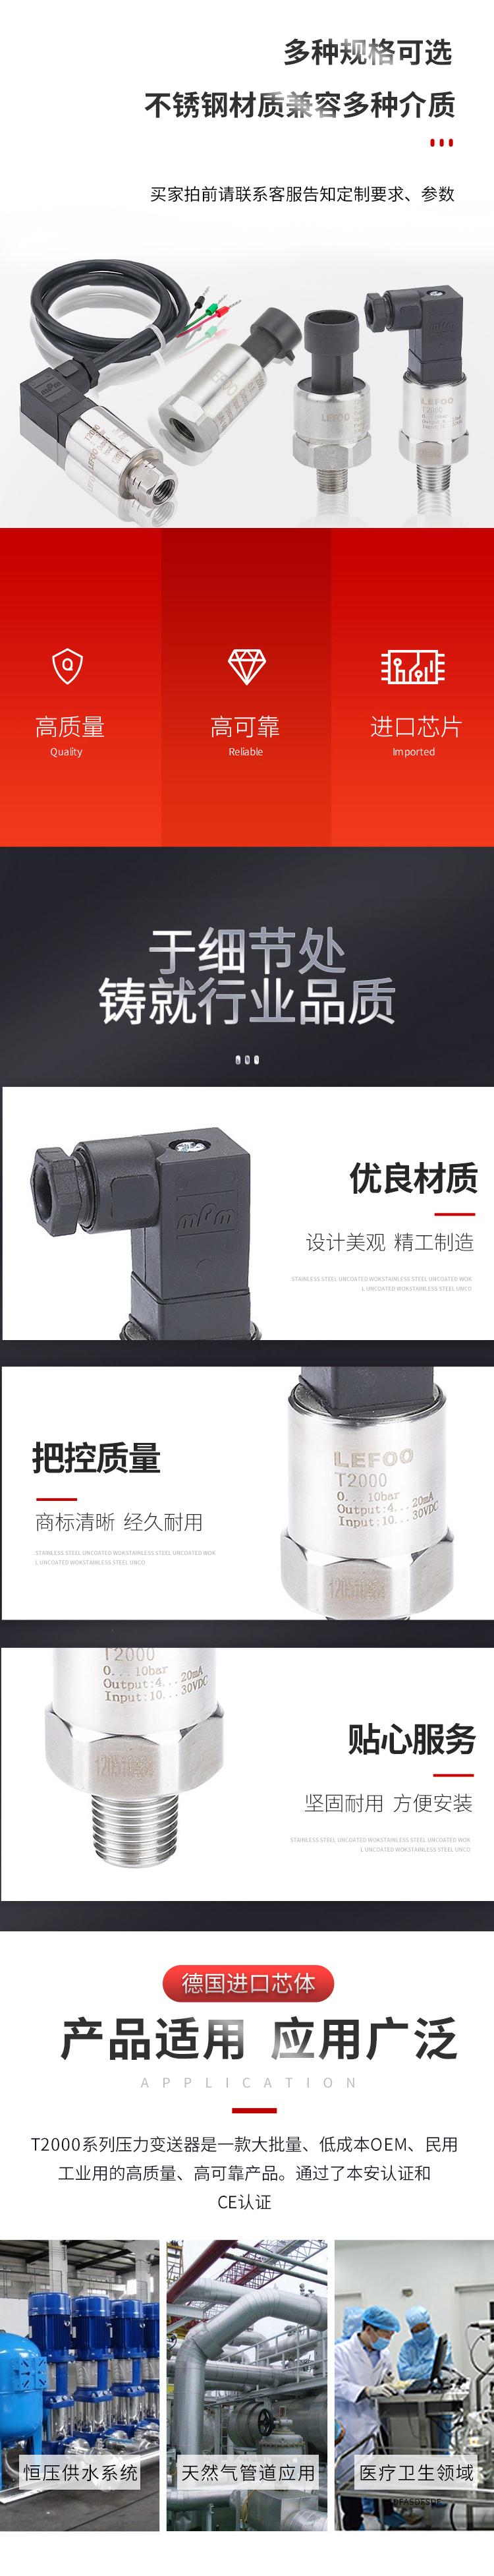 T1500压差变送器 高精度气压差传感器148846695